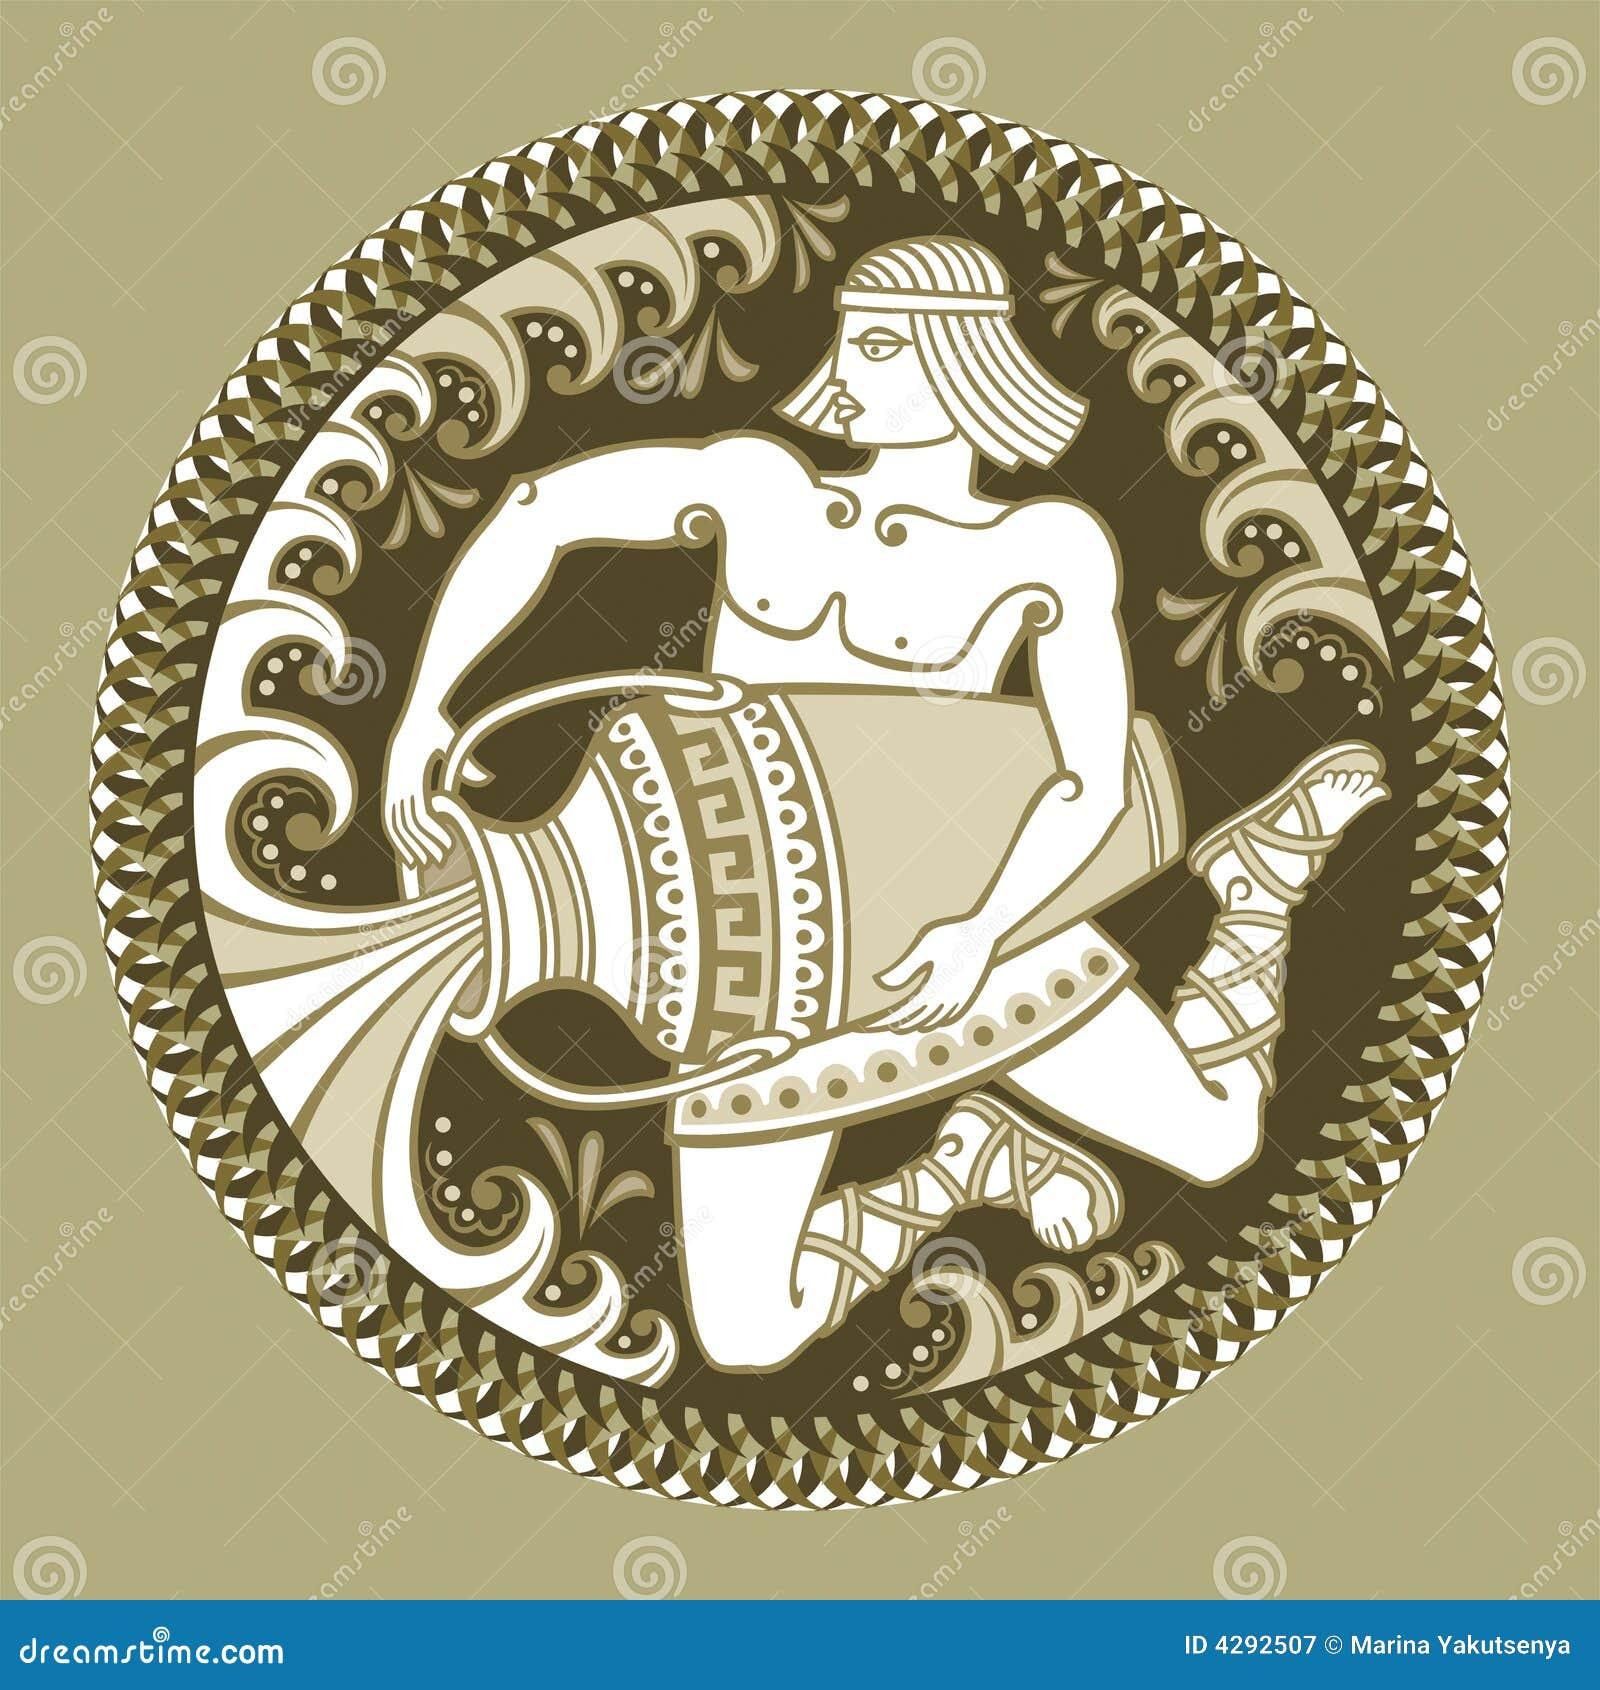 Acuario, muestras del zodiaco